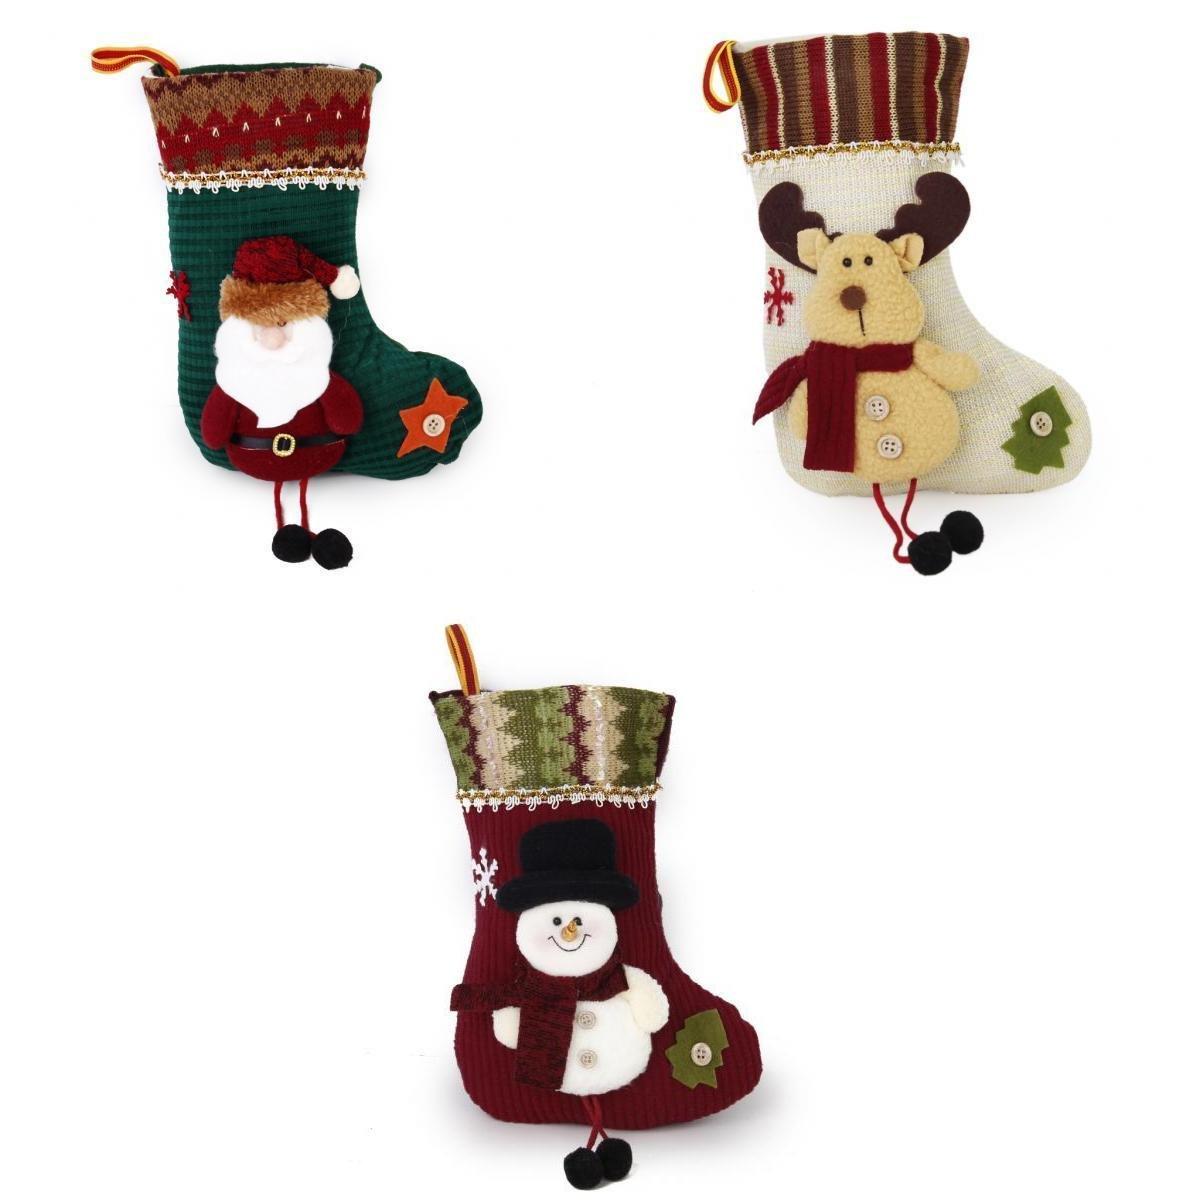 x Navidad Calcetin Almacenamiento De Titular Dulces Regalo De Navidad Casa De Vacaciones Decoracion Estilo